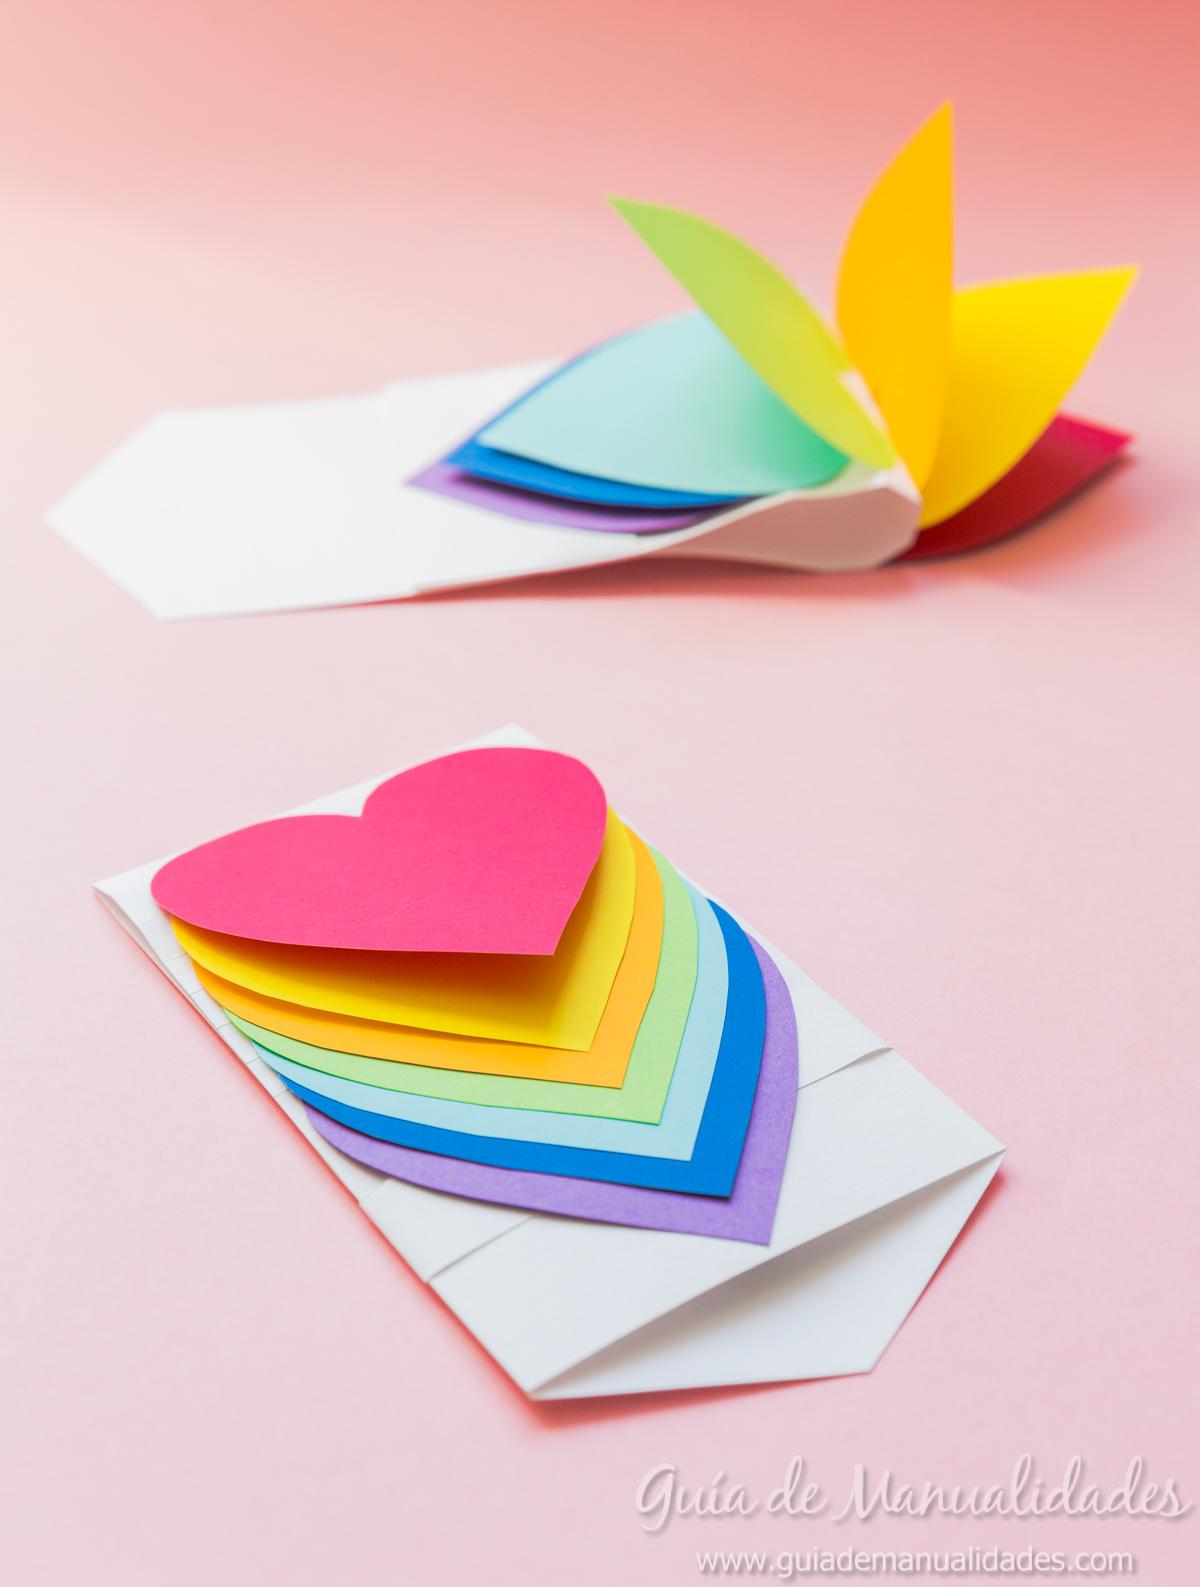 Tarjeta de corazones m viles gu a de manualidades - Manualidades para hacer tarjetas ...